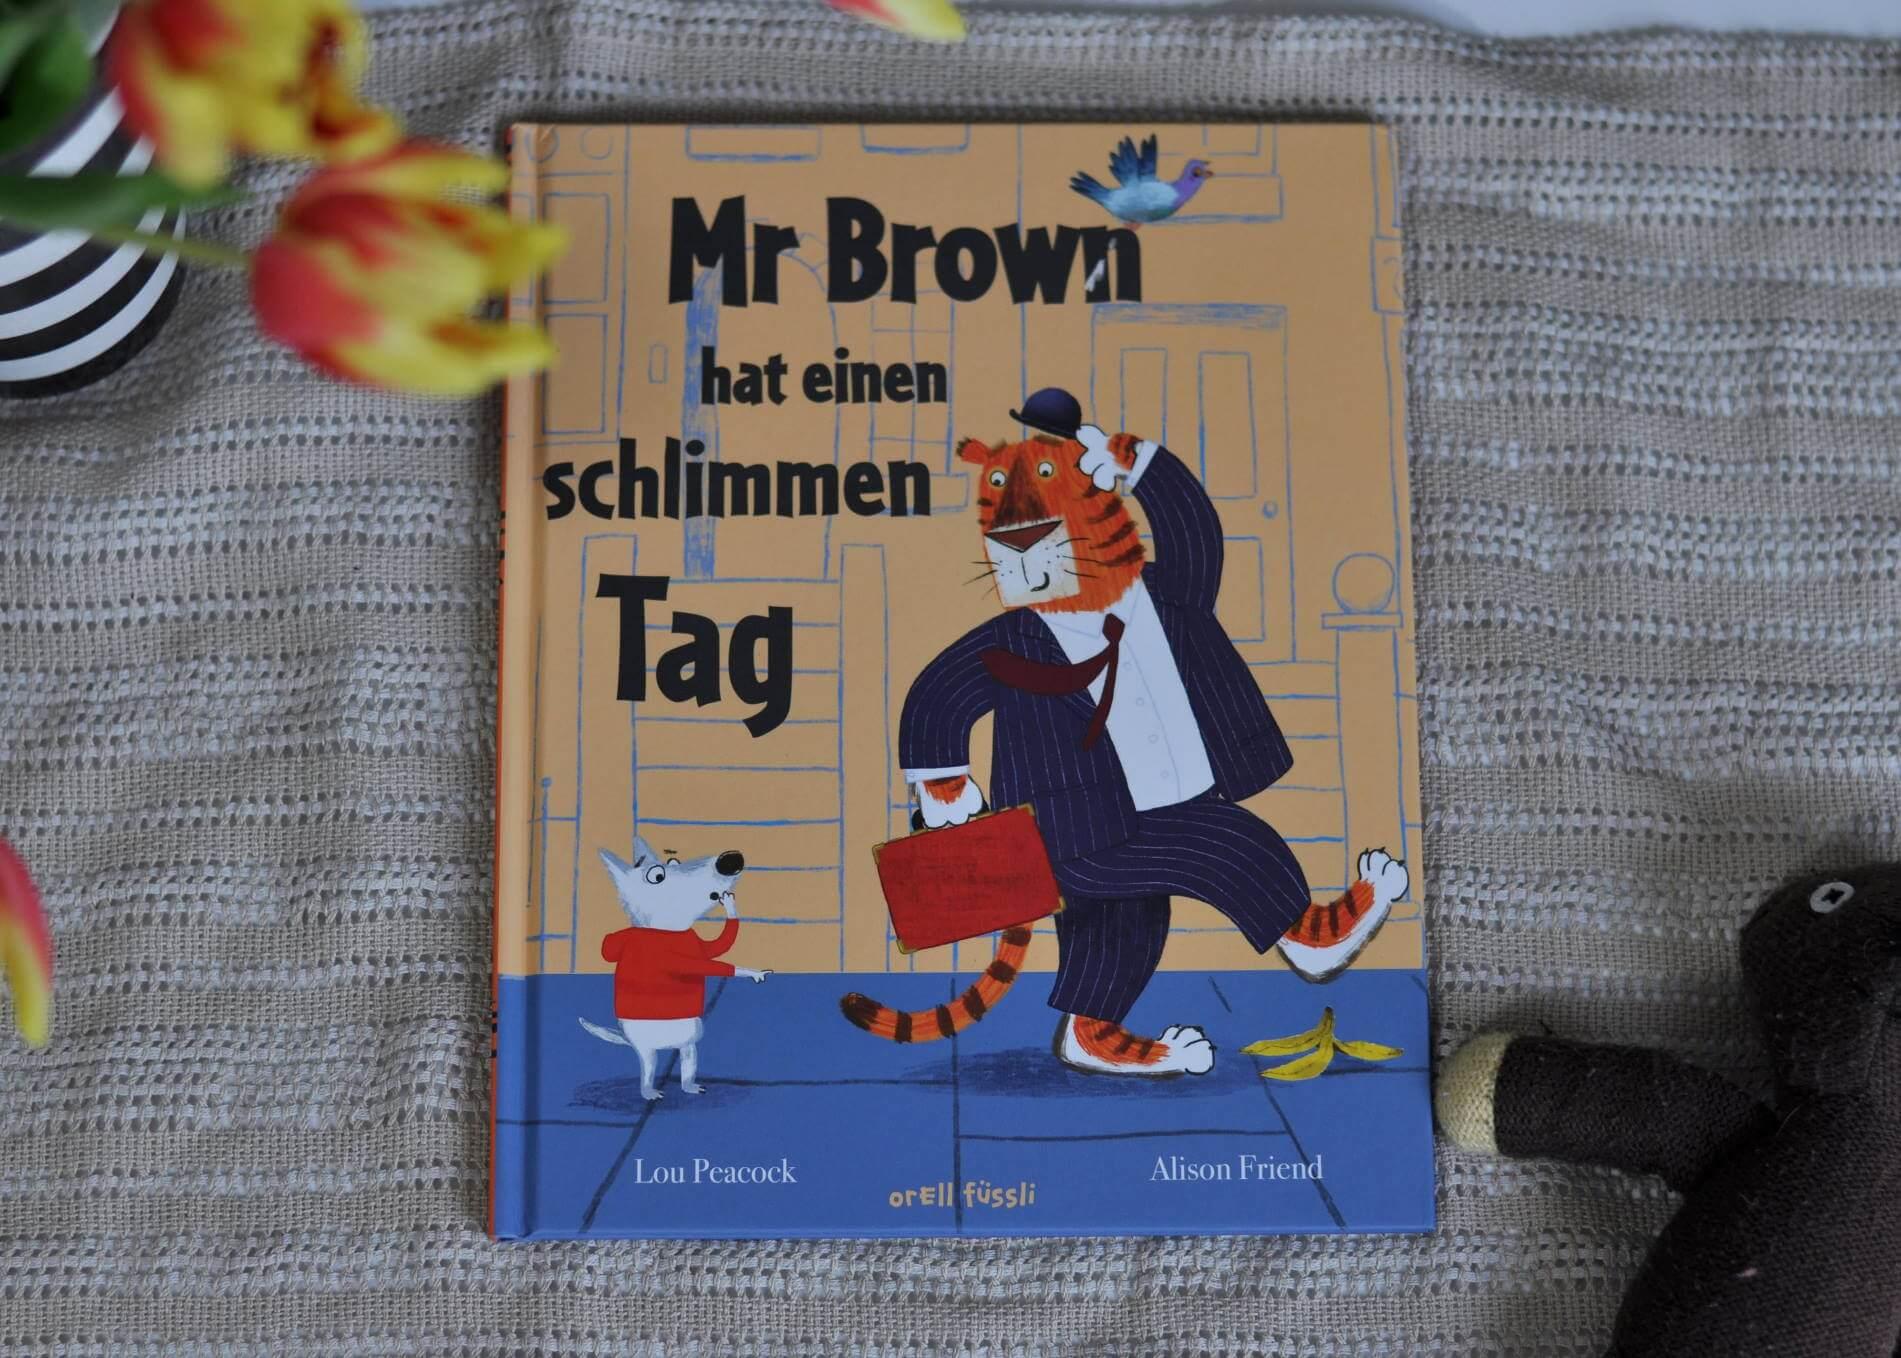 Mr Brown ist ein sehr wichtiger Geschäftsmann. Er arbeitet in einem sehr wichtigen Büro und erledigt täglich sehr wichtige Dinge. Überall, wo er hingeht, hat er seinen sehr wichtigen Aktenkoffer dabei. Als dieser ihm eines Tages geklaut wird, beginnt für Mr Brown eine wilde Verfolgungsjagd. Dabei erlebt er viele lustige Abenteuer, bis er schließlich seinen sehr wichtigen Koffer wieder in den Händen hält. Müde und glücklich kann er nach Hause gehen und wir erfahren endlich, was in dem Koffer ist. #tiger #arbeiten #erwachsene #koffer #bilderbuch #vorlesen #büro #verfolgungsjagd #kuscheltier